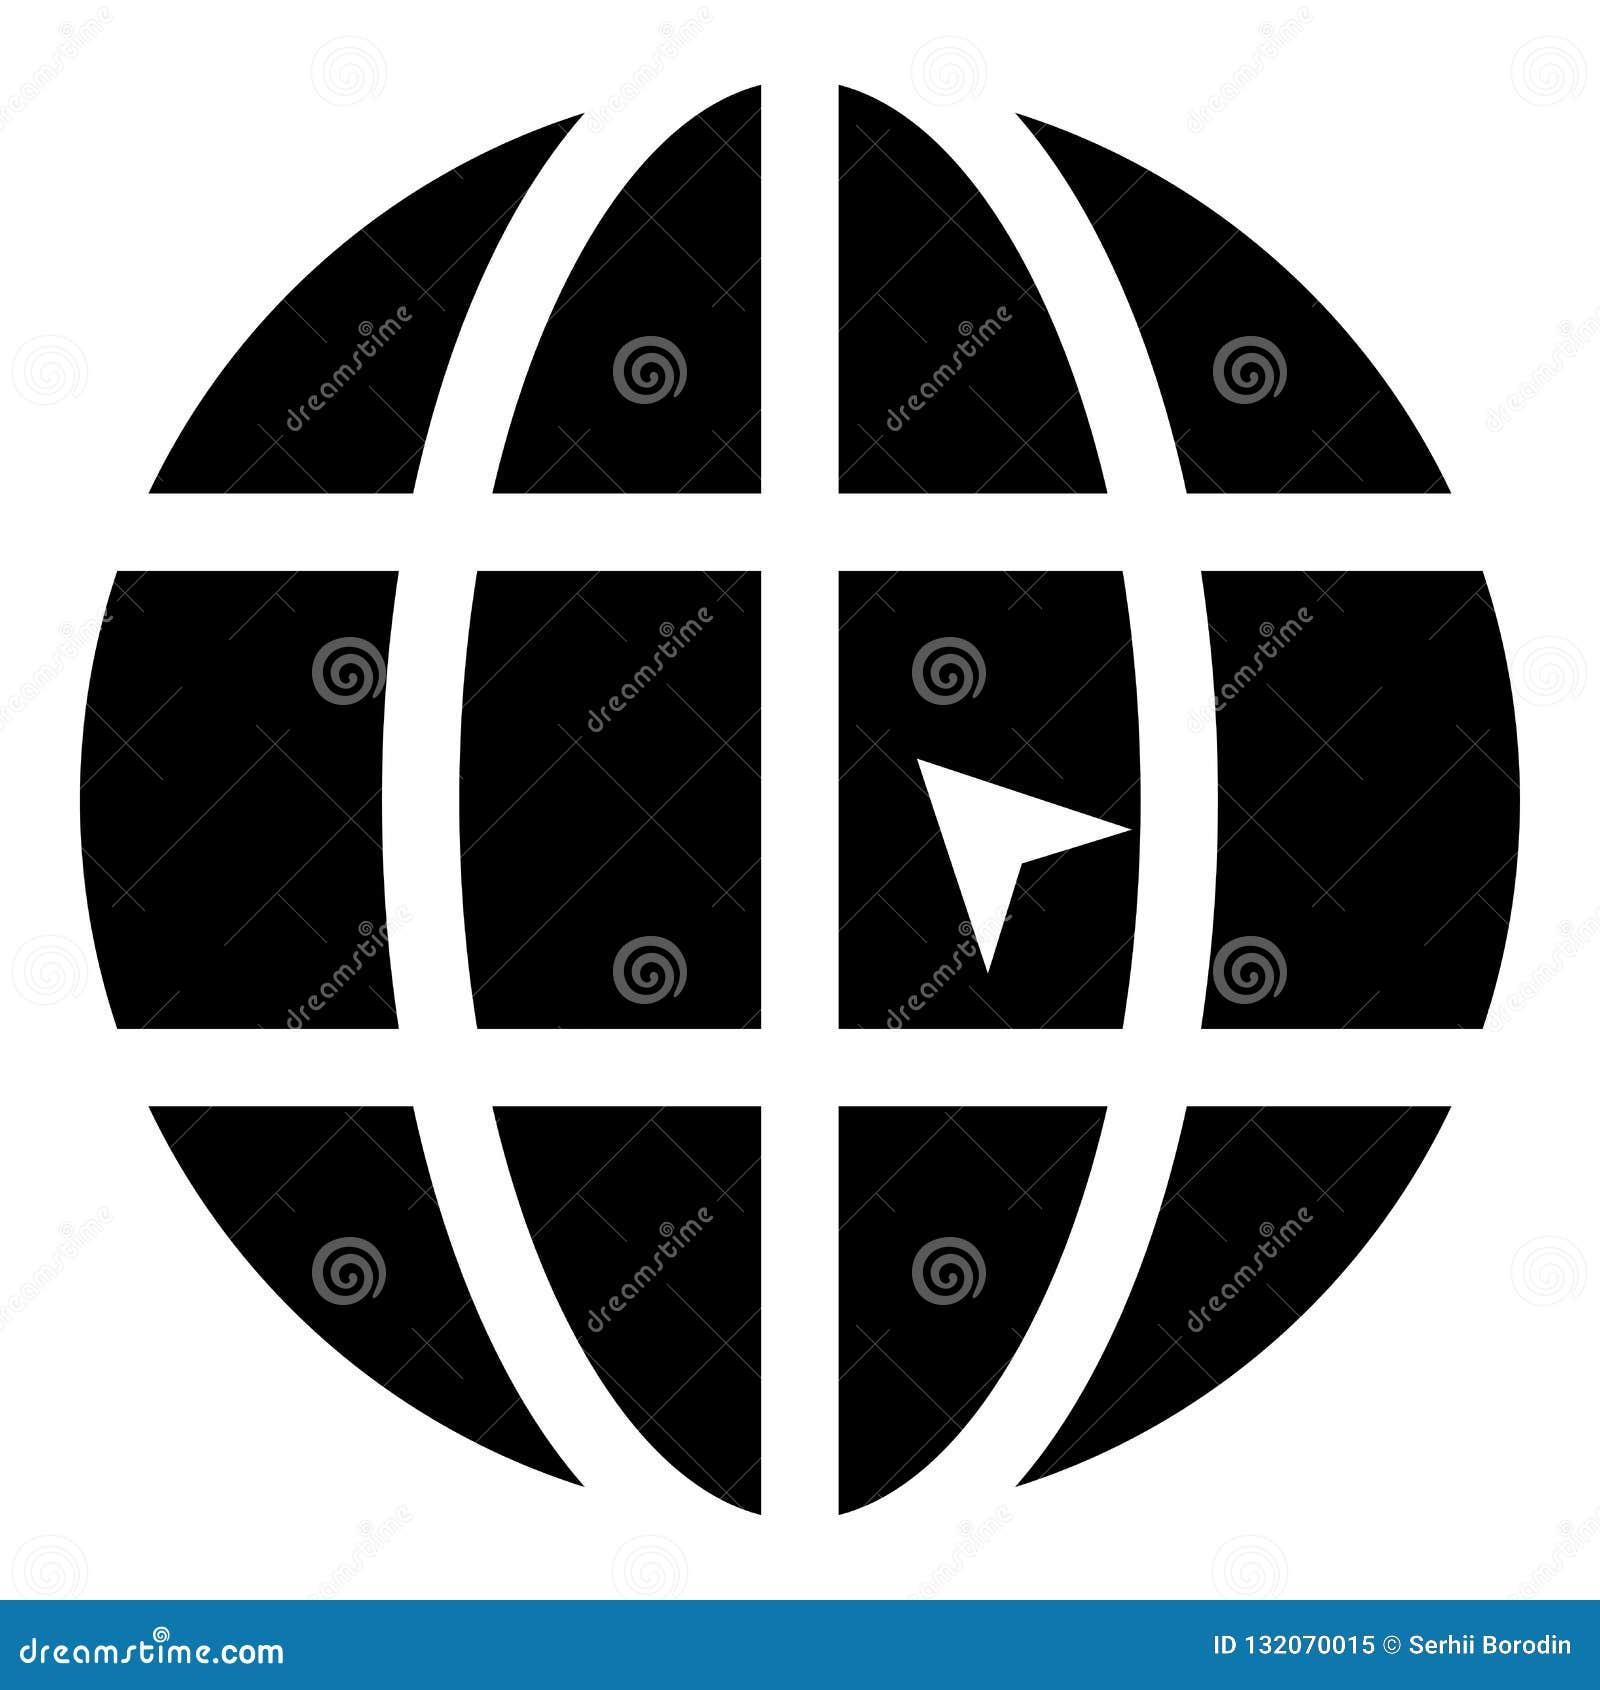 Mundo com ilustração de cor do preto do ícone do Web site do conceito do clique do mundo da seta